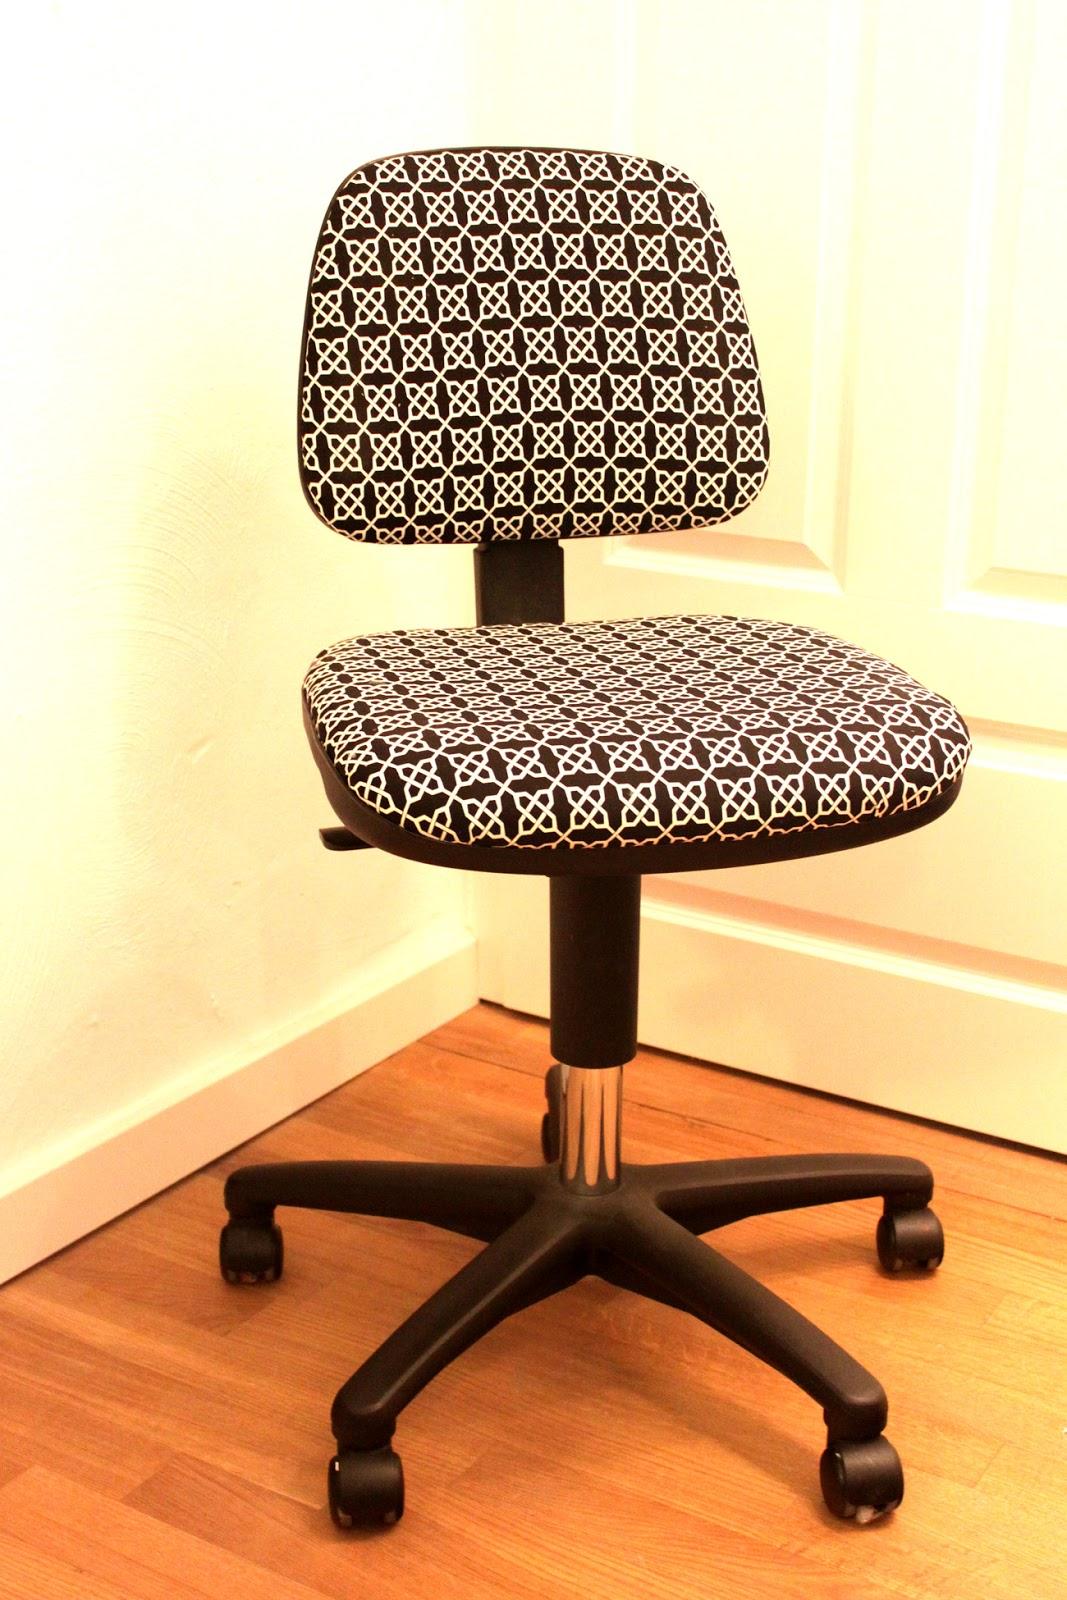 Ikea Schminktisch Schreibtisch ~ Pepelinchen Makeover Pimp your Drehstuhl in weniger als 1 Stunde!